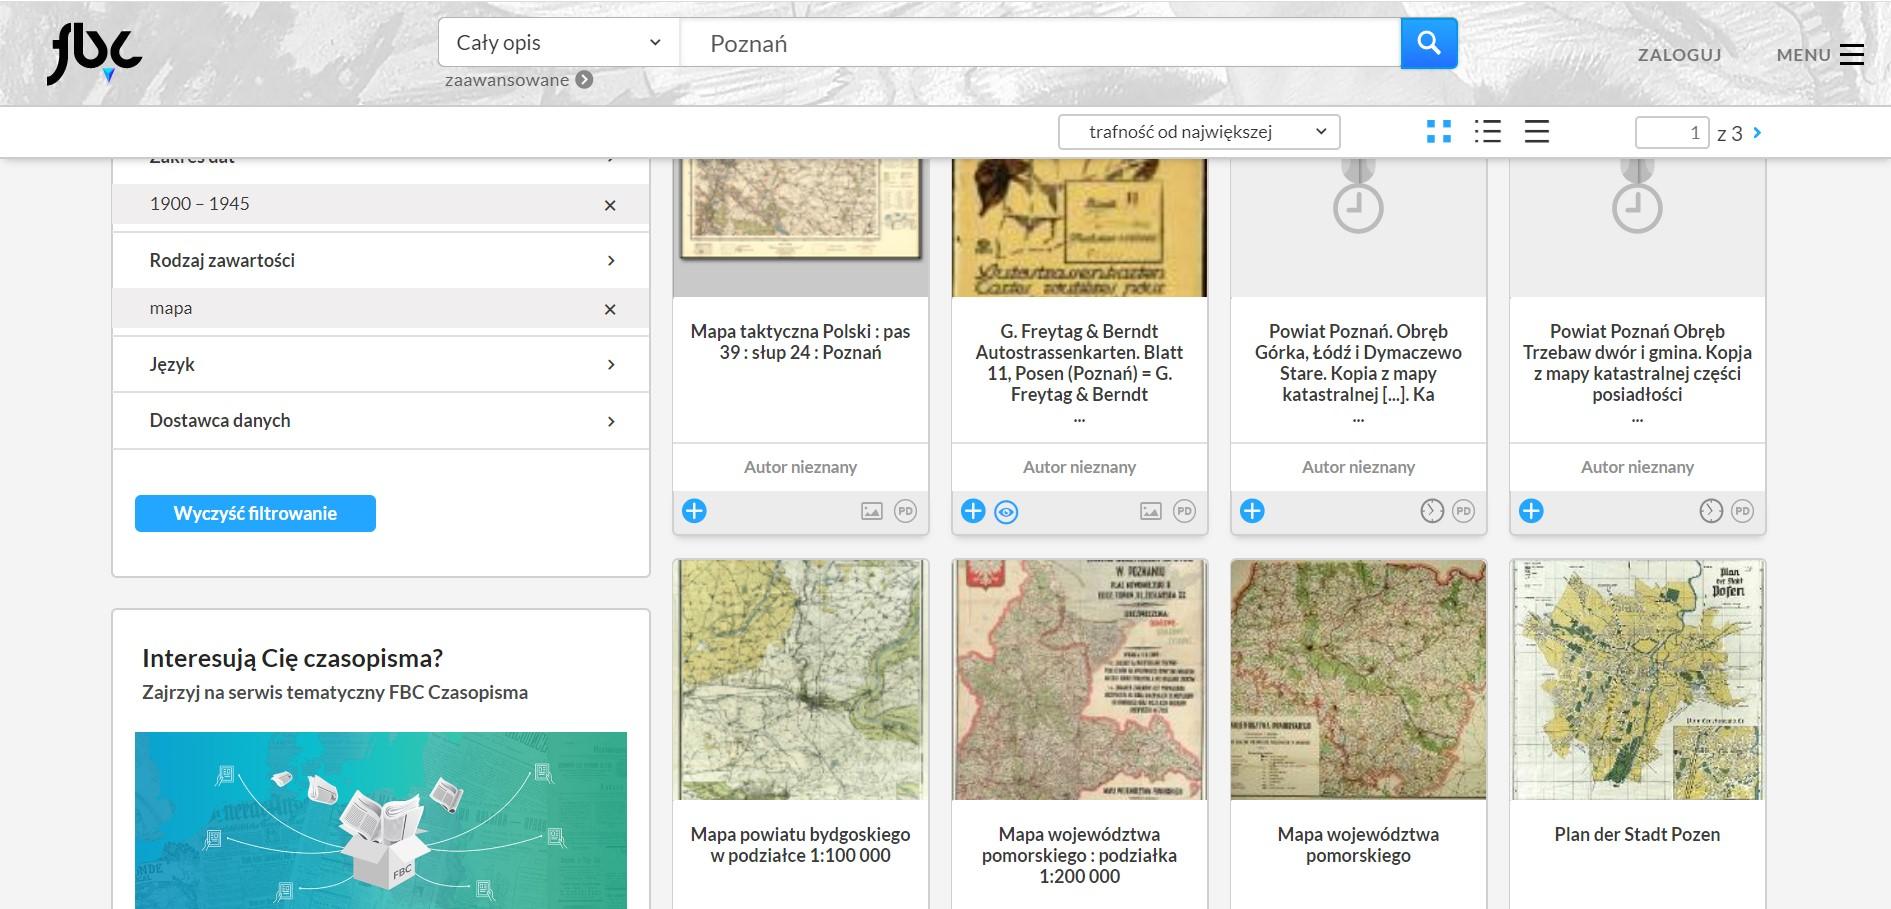 strona serwisu Federacja Bibliotek Cyfrowych, na której pojawiają się wyniki wyszukiwania, a wśród nich m.in. archiwalne mapy Poznania